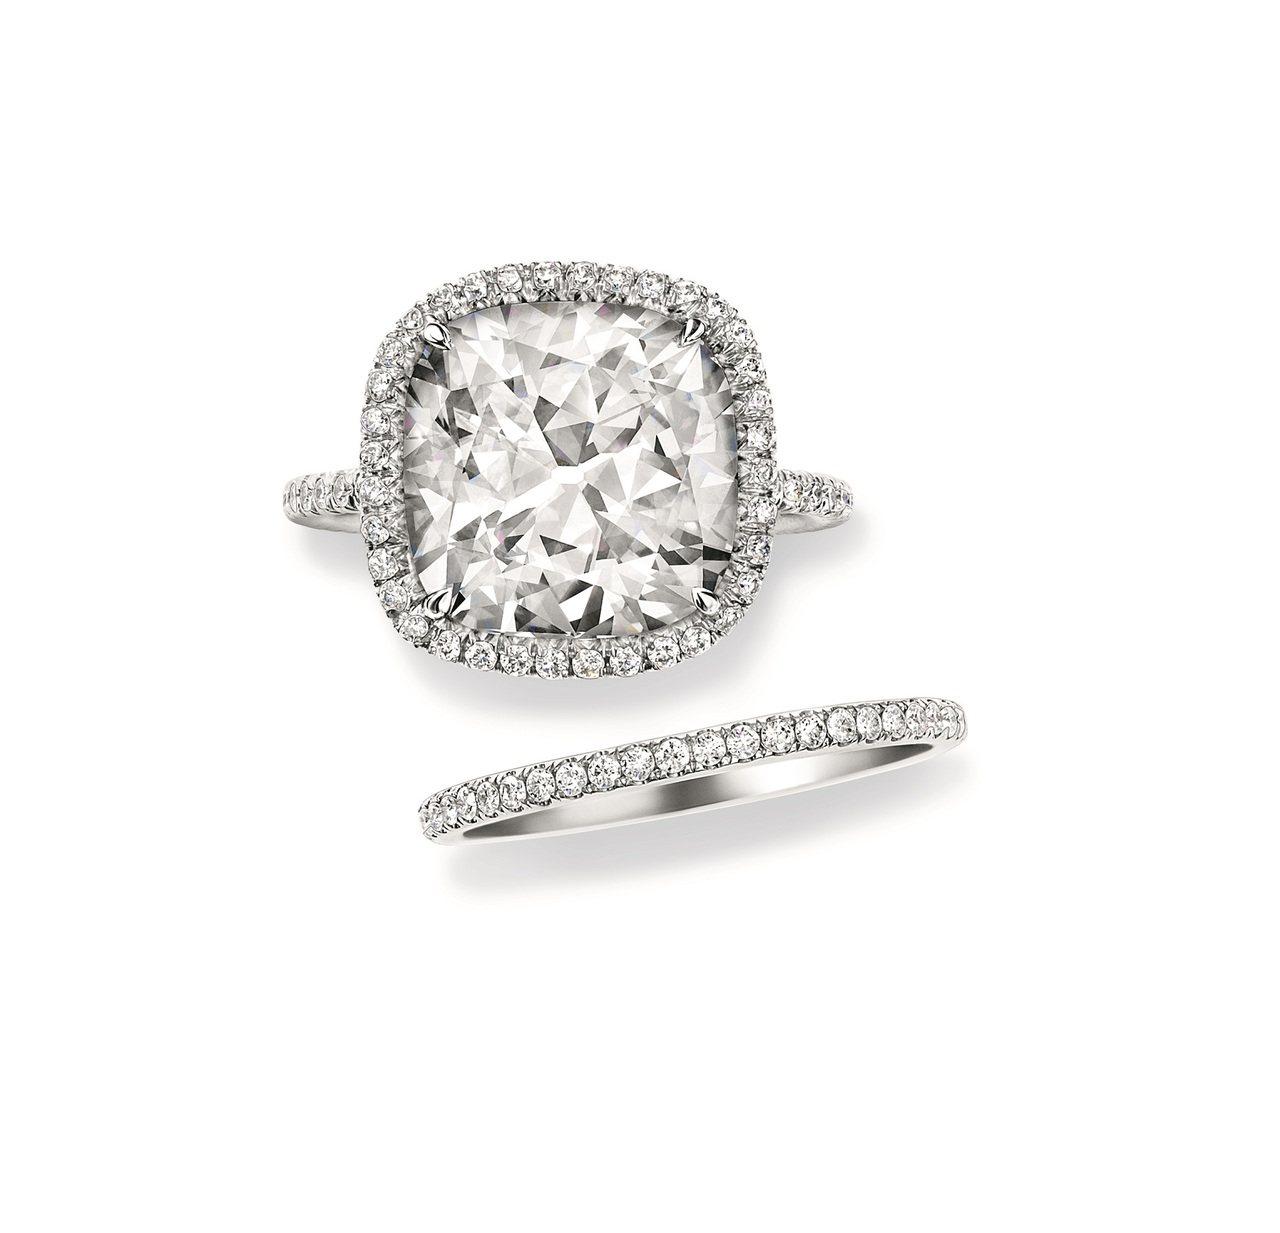 海瑞溫斯頓The One系列枕形切工鑽石戒指(上圖)。圖/海瑞溫斯頓提供